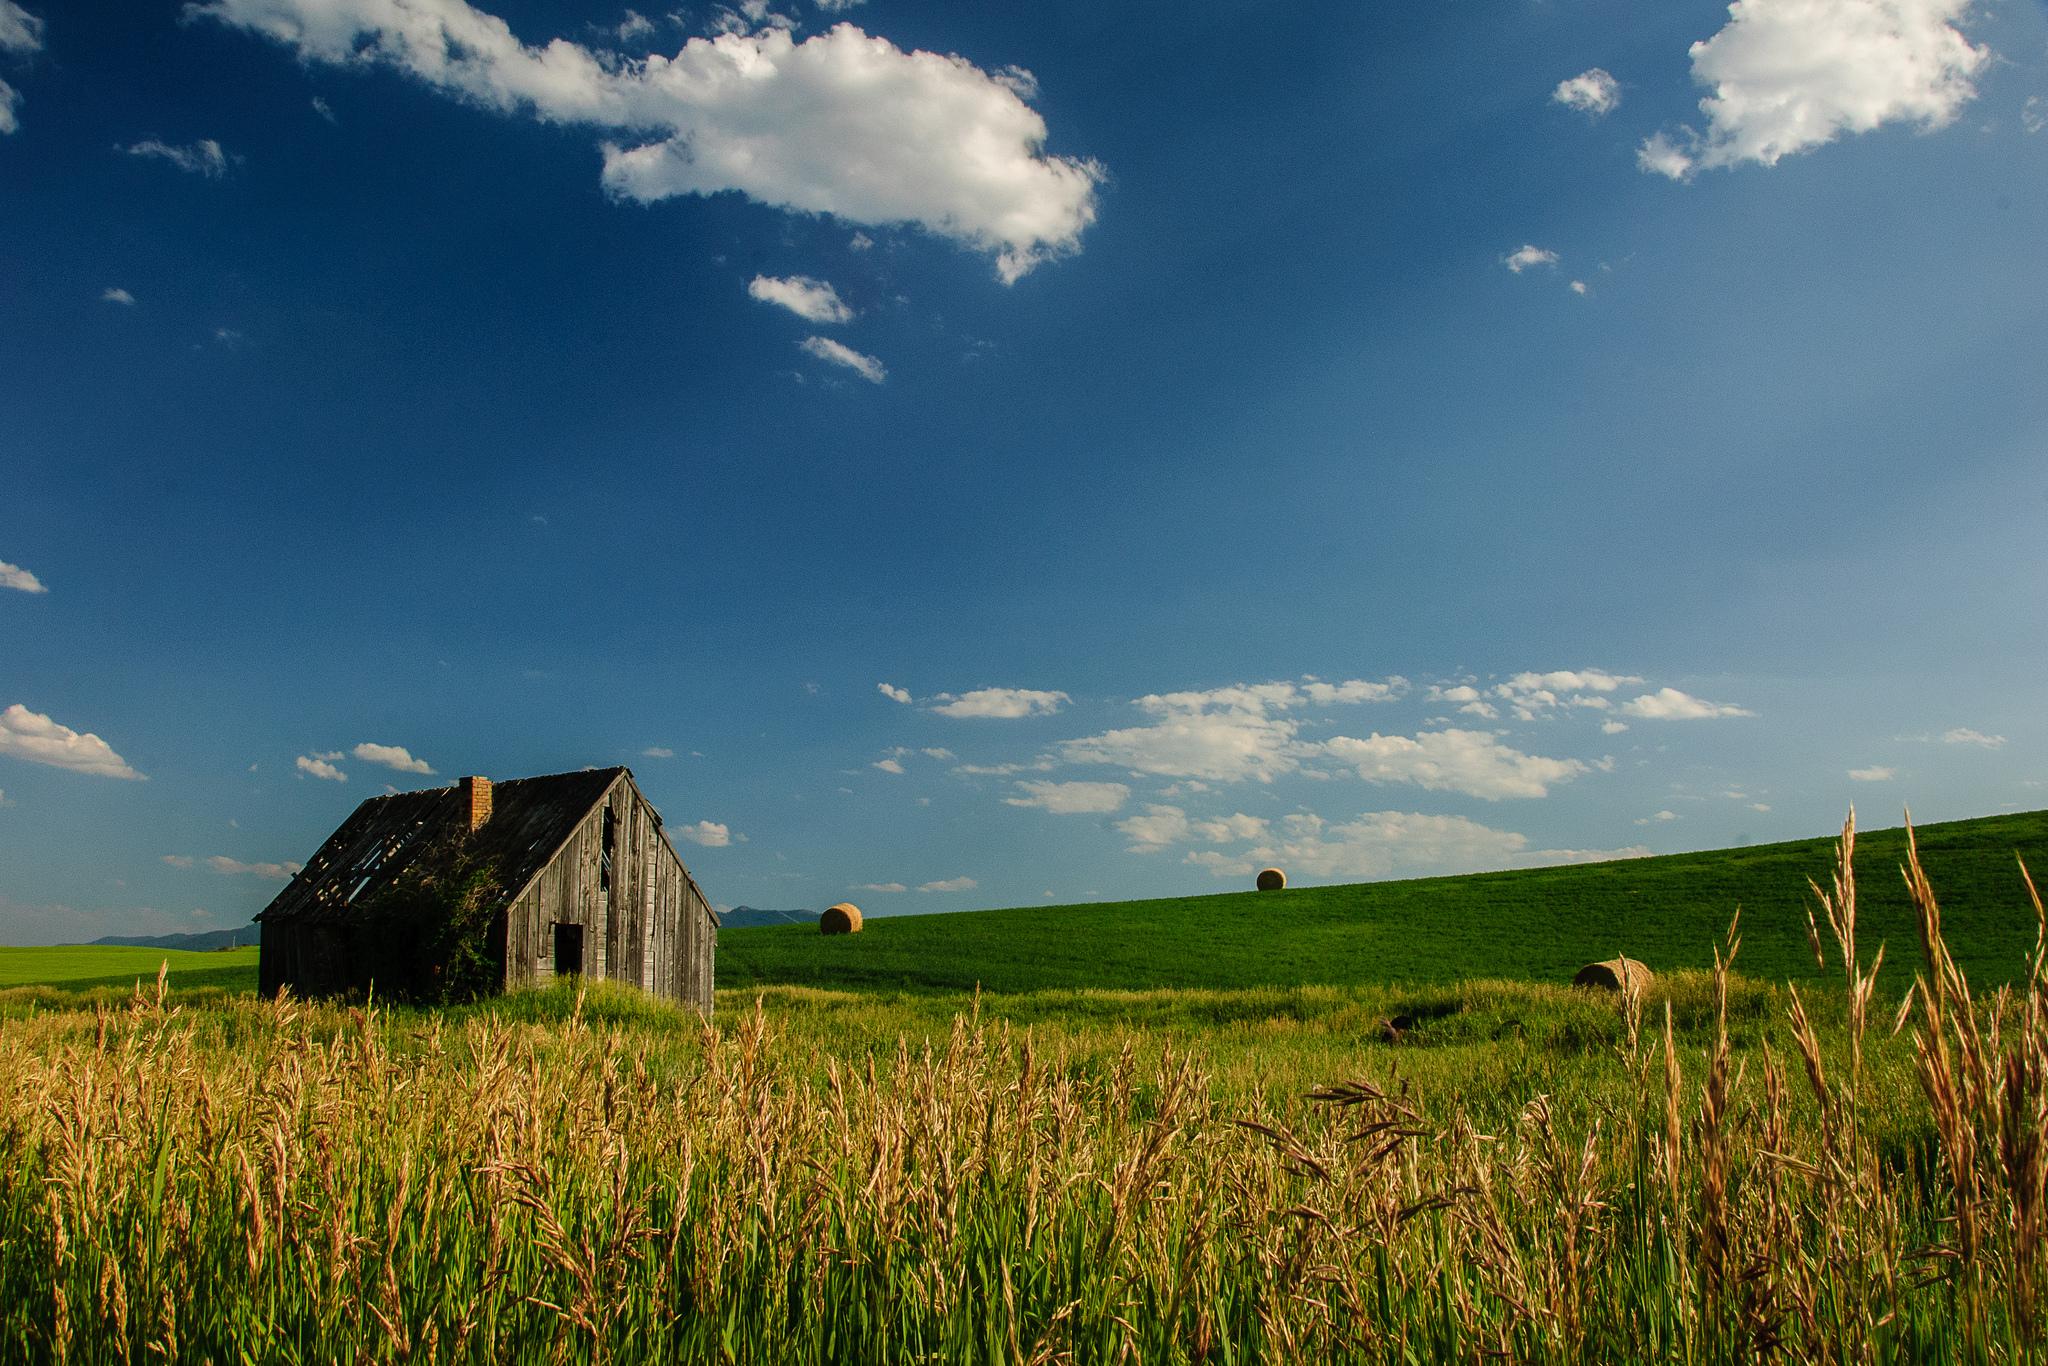 Idaho Barn, Loren Kerns July 10, 2013